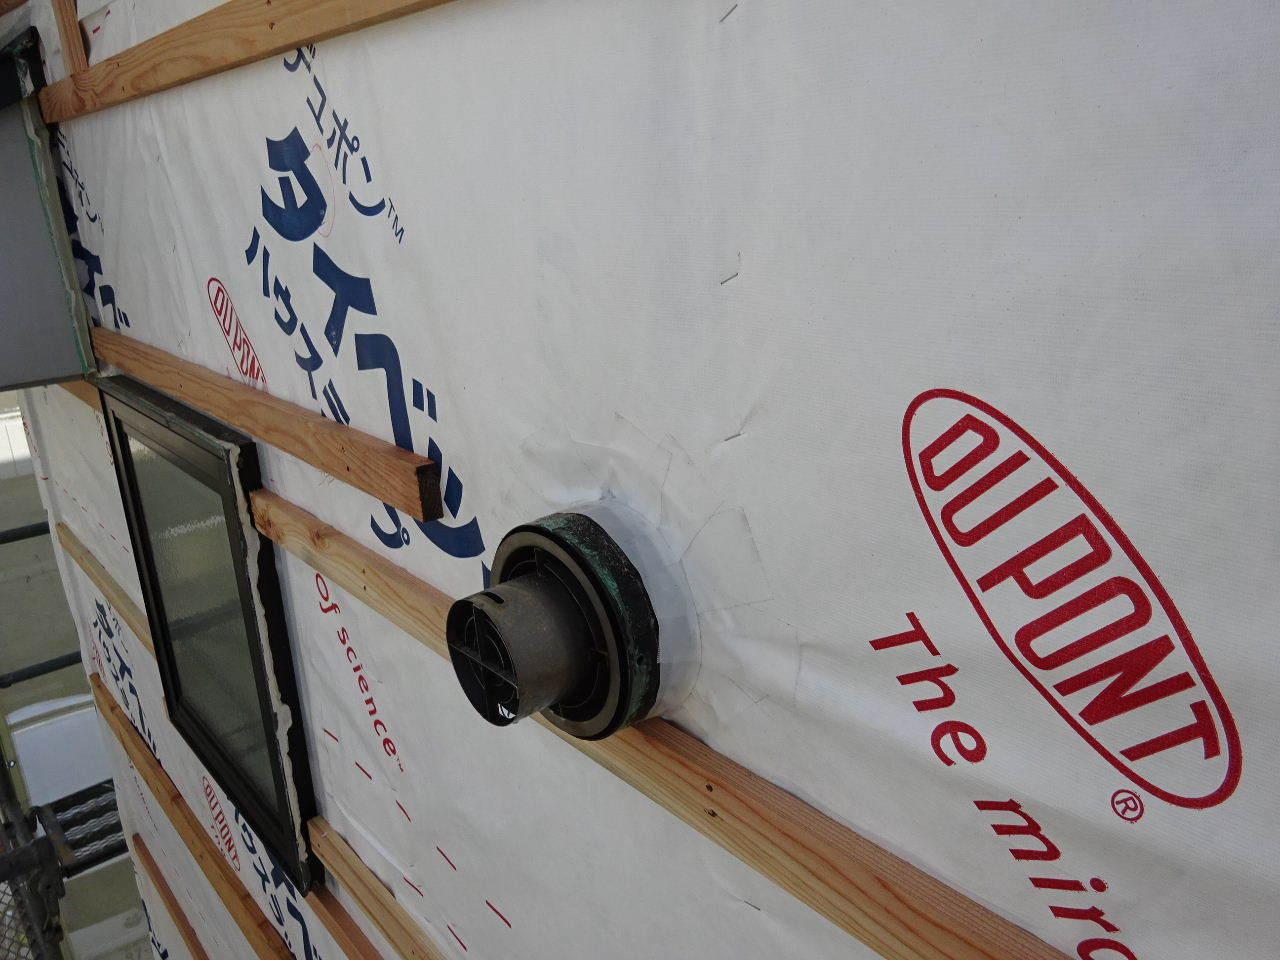 アパートの外装改修工事が進行中です。_f0105112_05202578.jpg